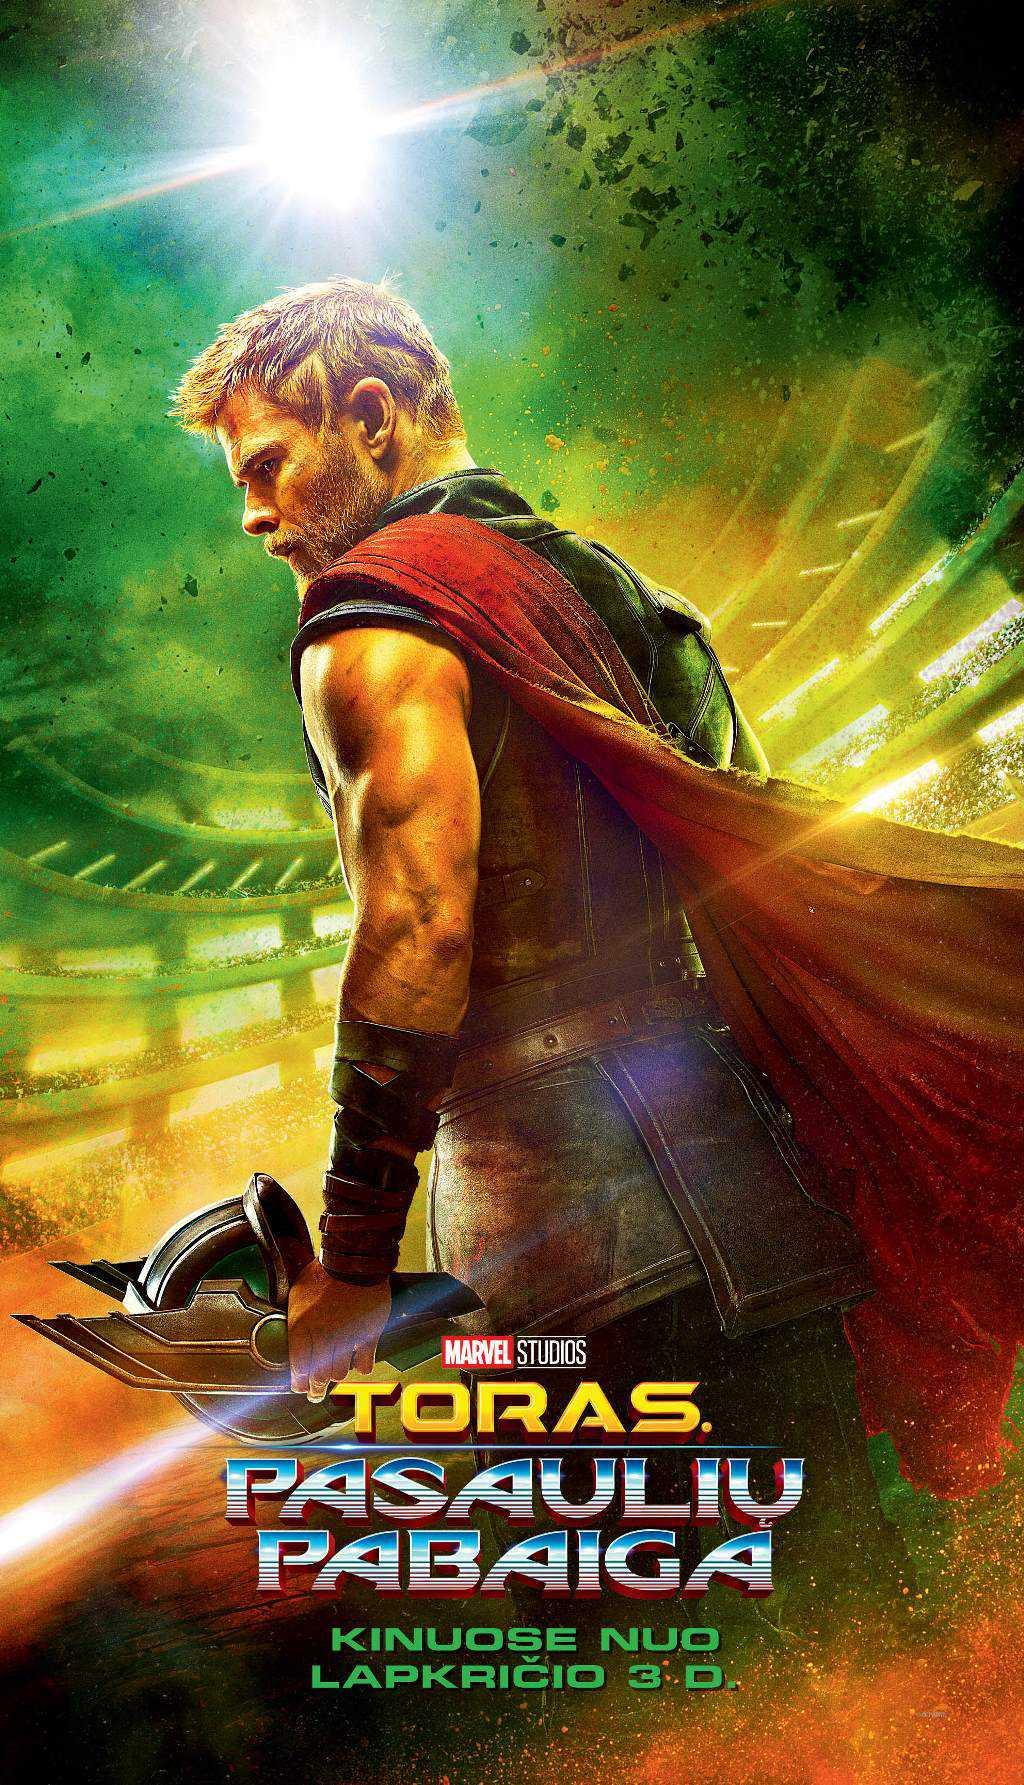 Toras. Pasaulių pabaiga (Thor: Ragnarok)